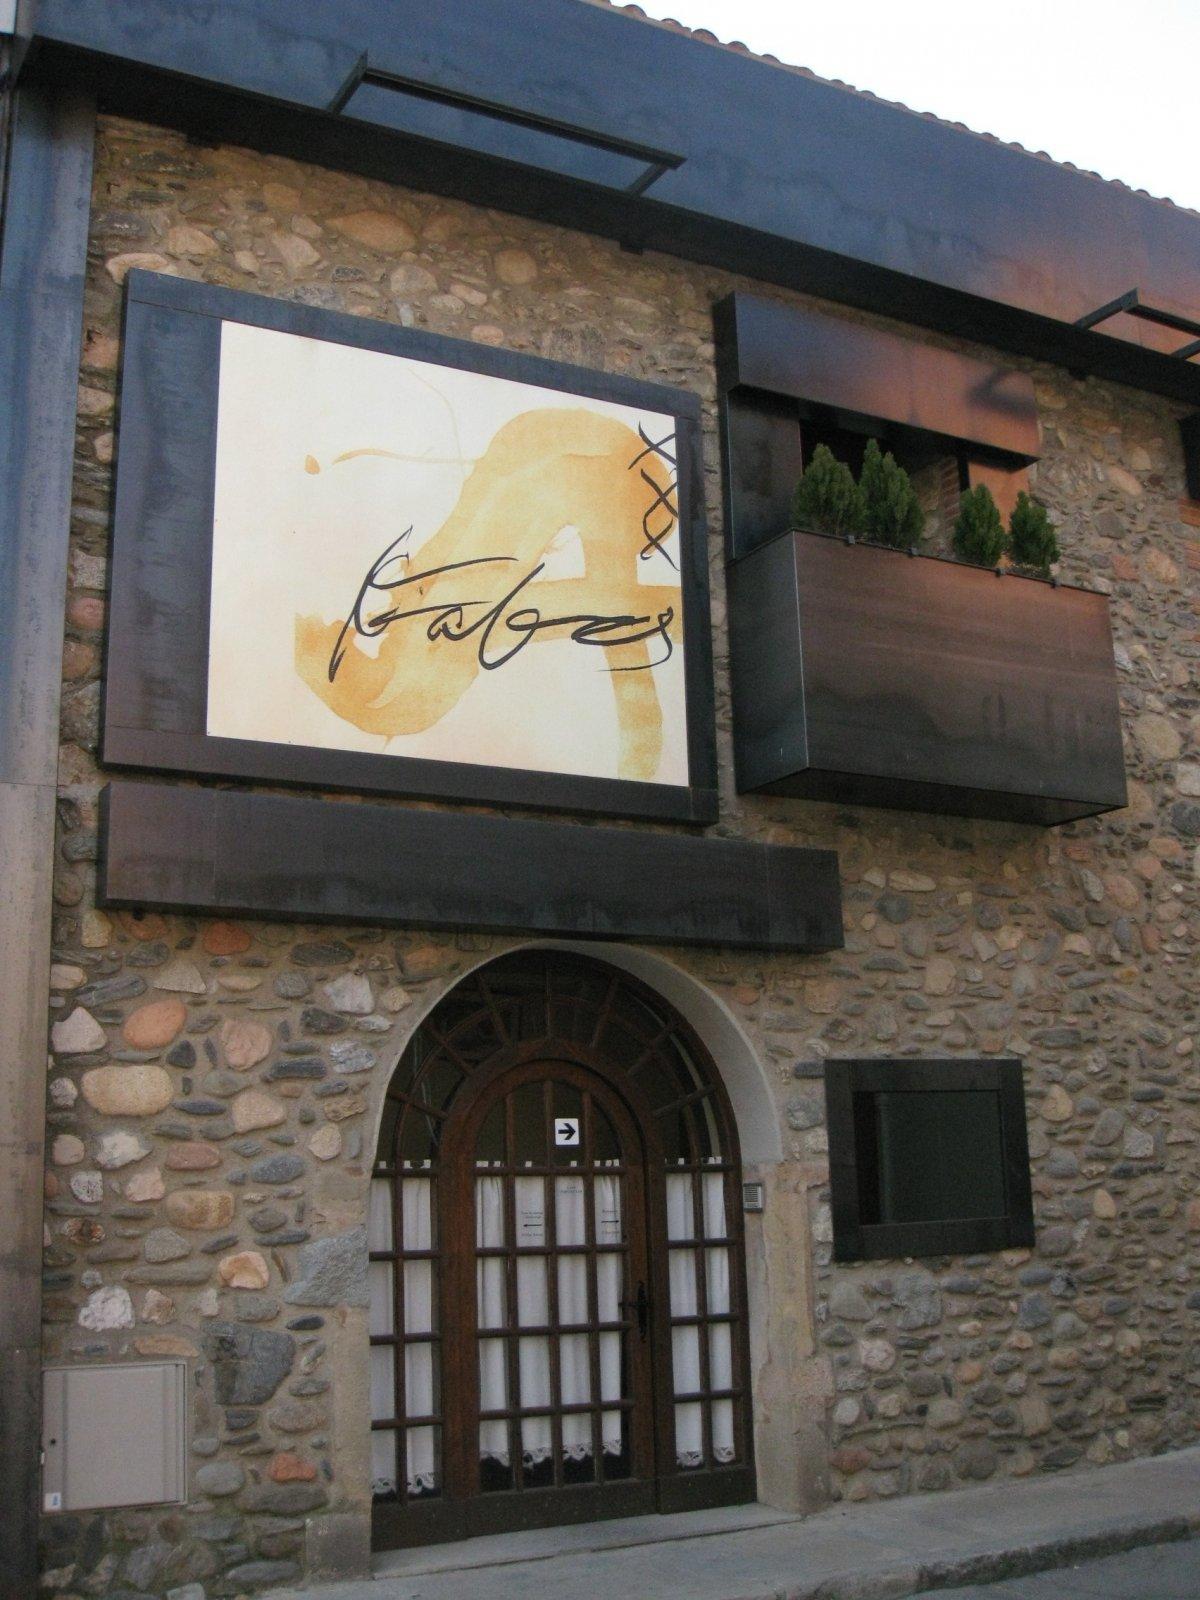 Otra entrada del restaurante El Racó de Can Fabes